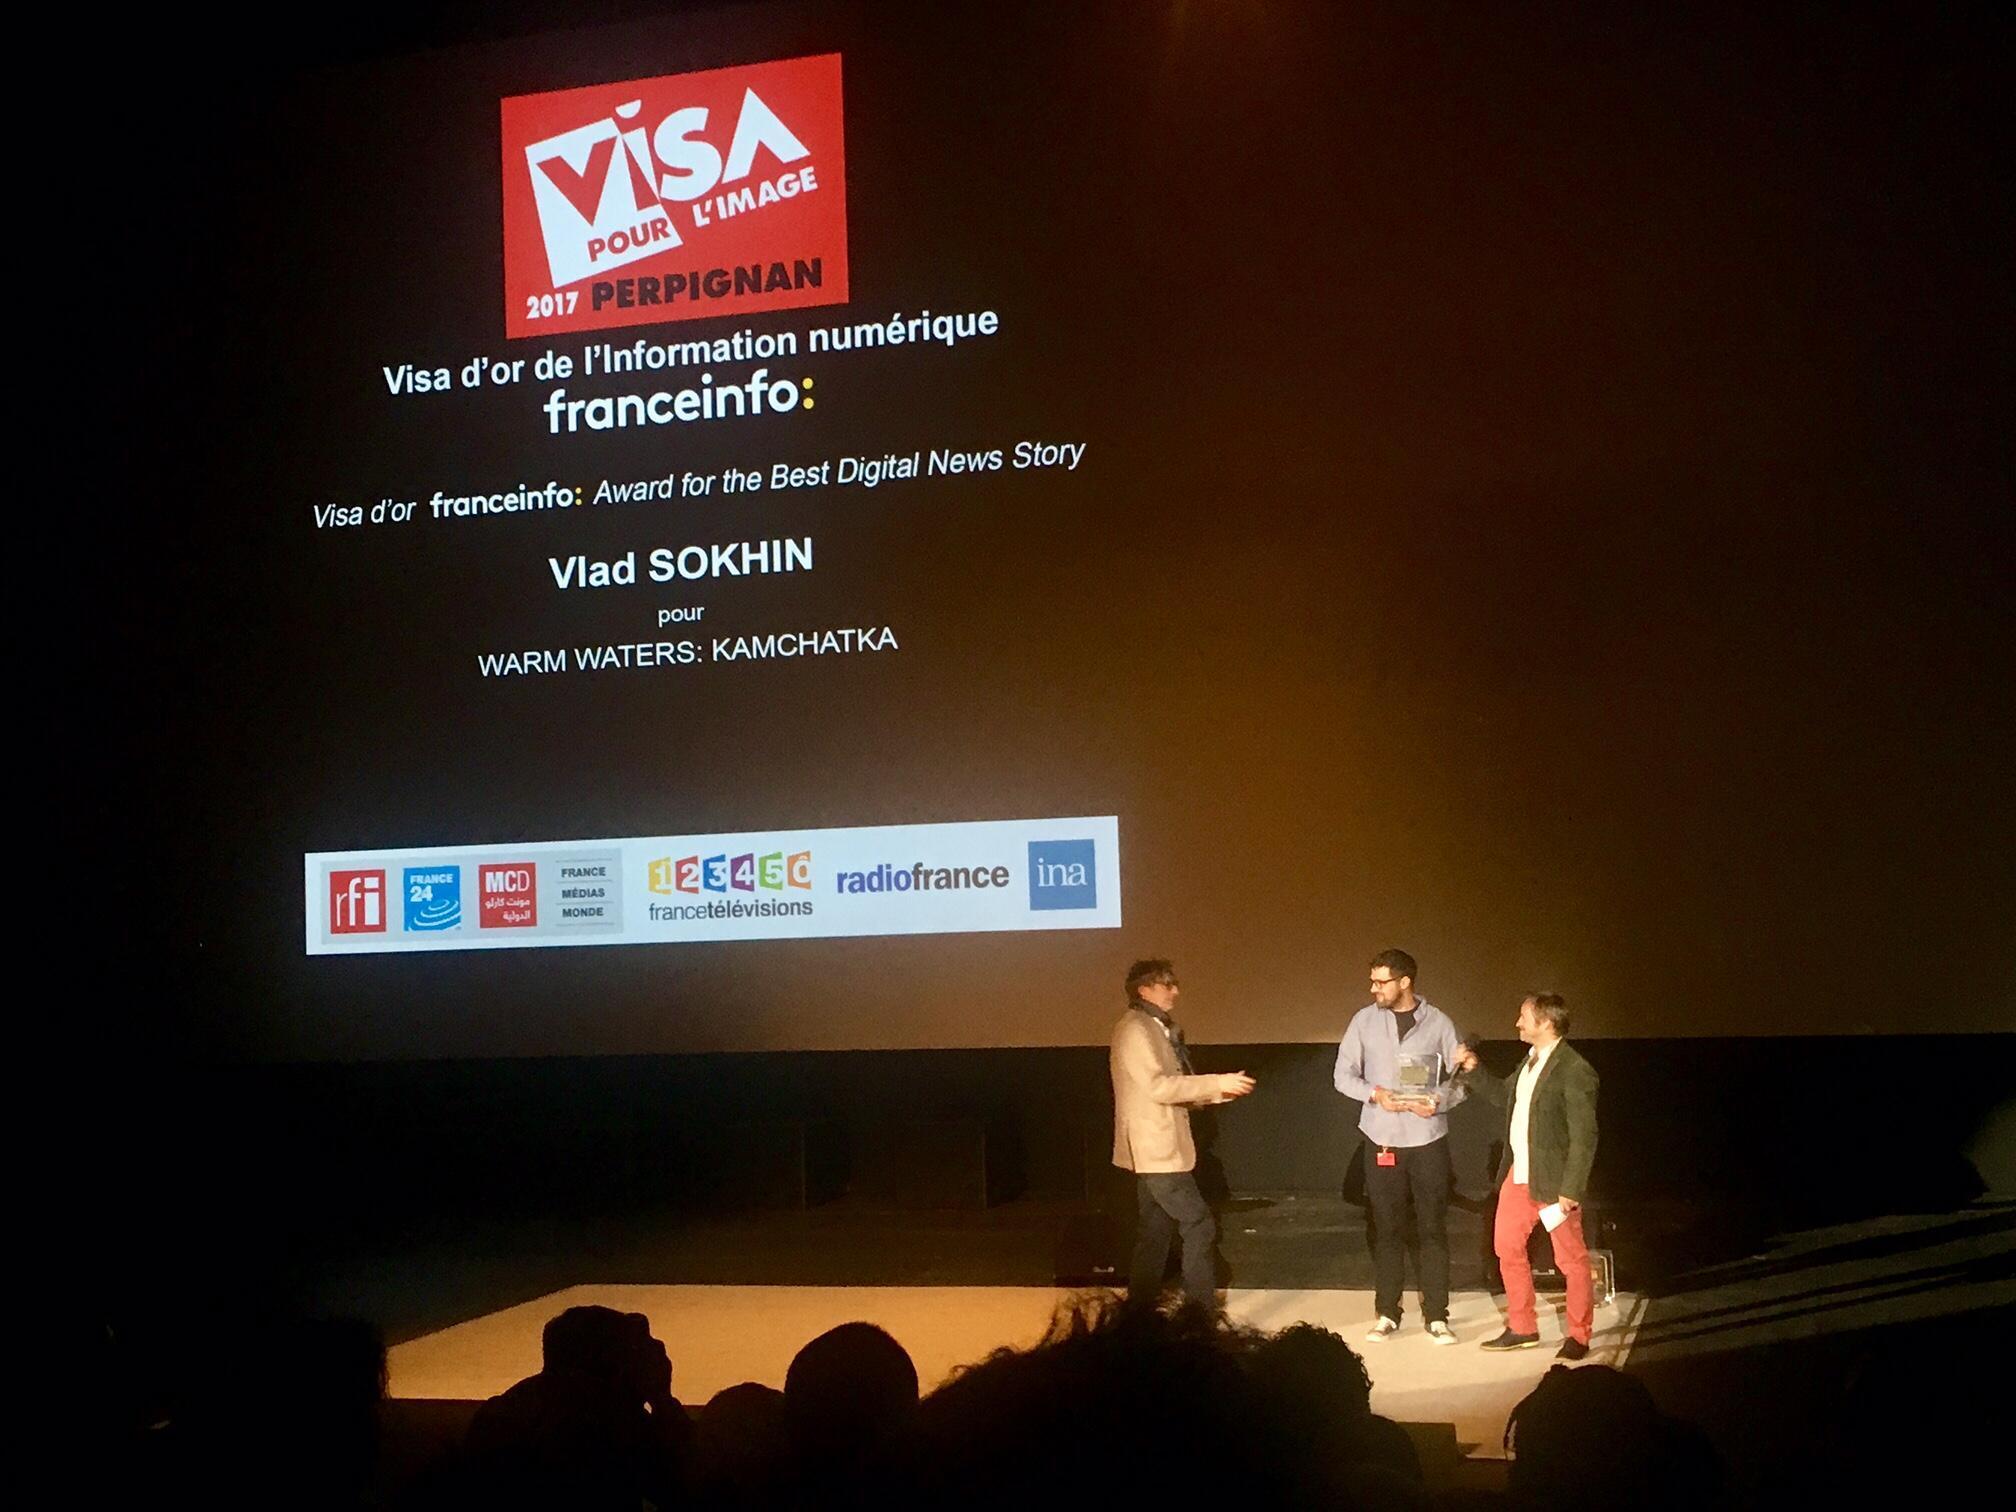 Entrega do prémio Visa d'Or de l'Information Numérique Franceinfo a Vlad Sokhin